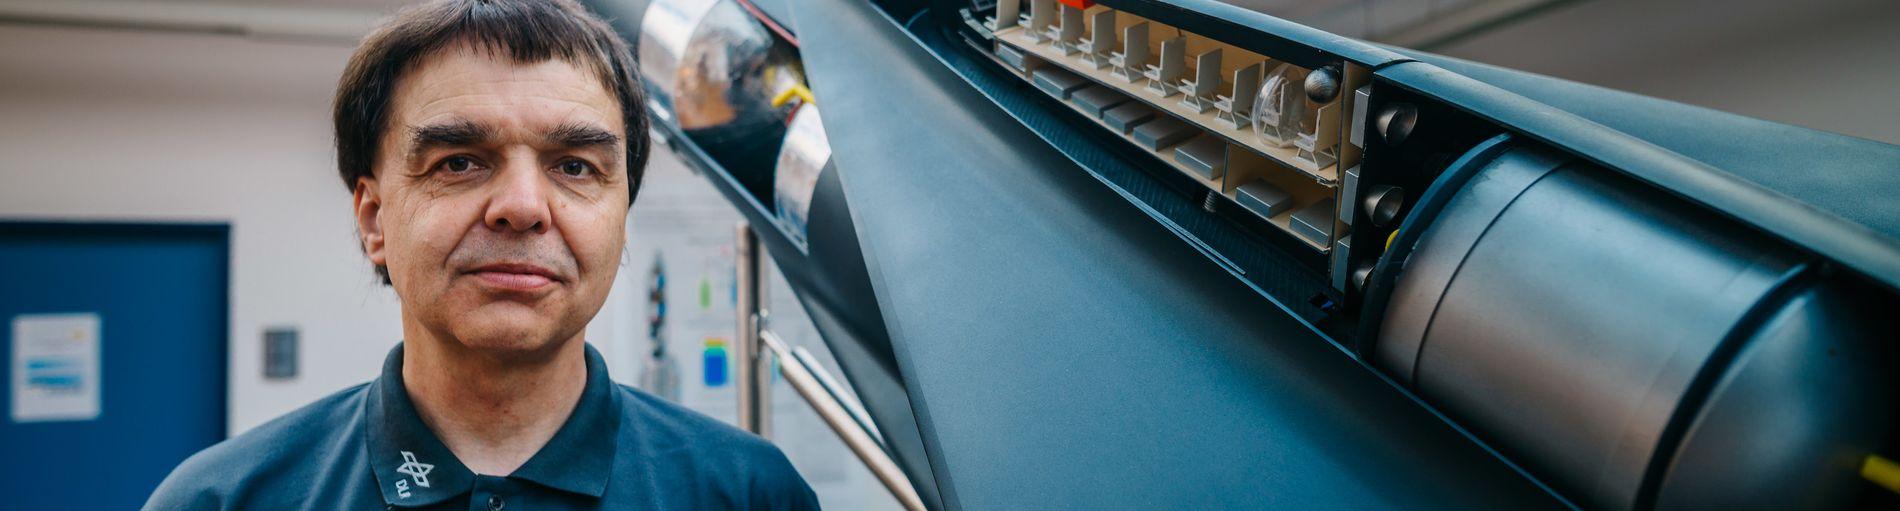 Ein Mann in einem blauen Hemd steht neben dem Modell einer Rakete; Quelle WFB/Jonas Ginter